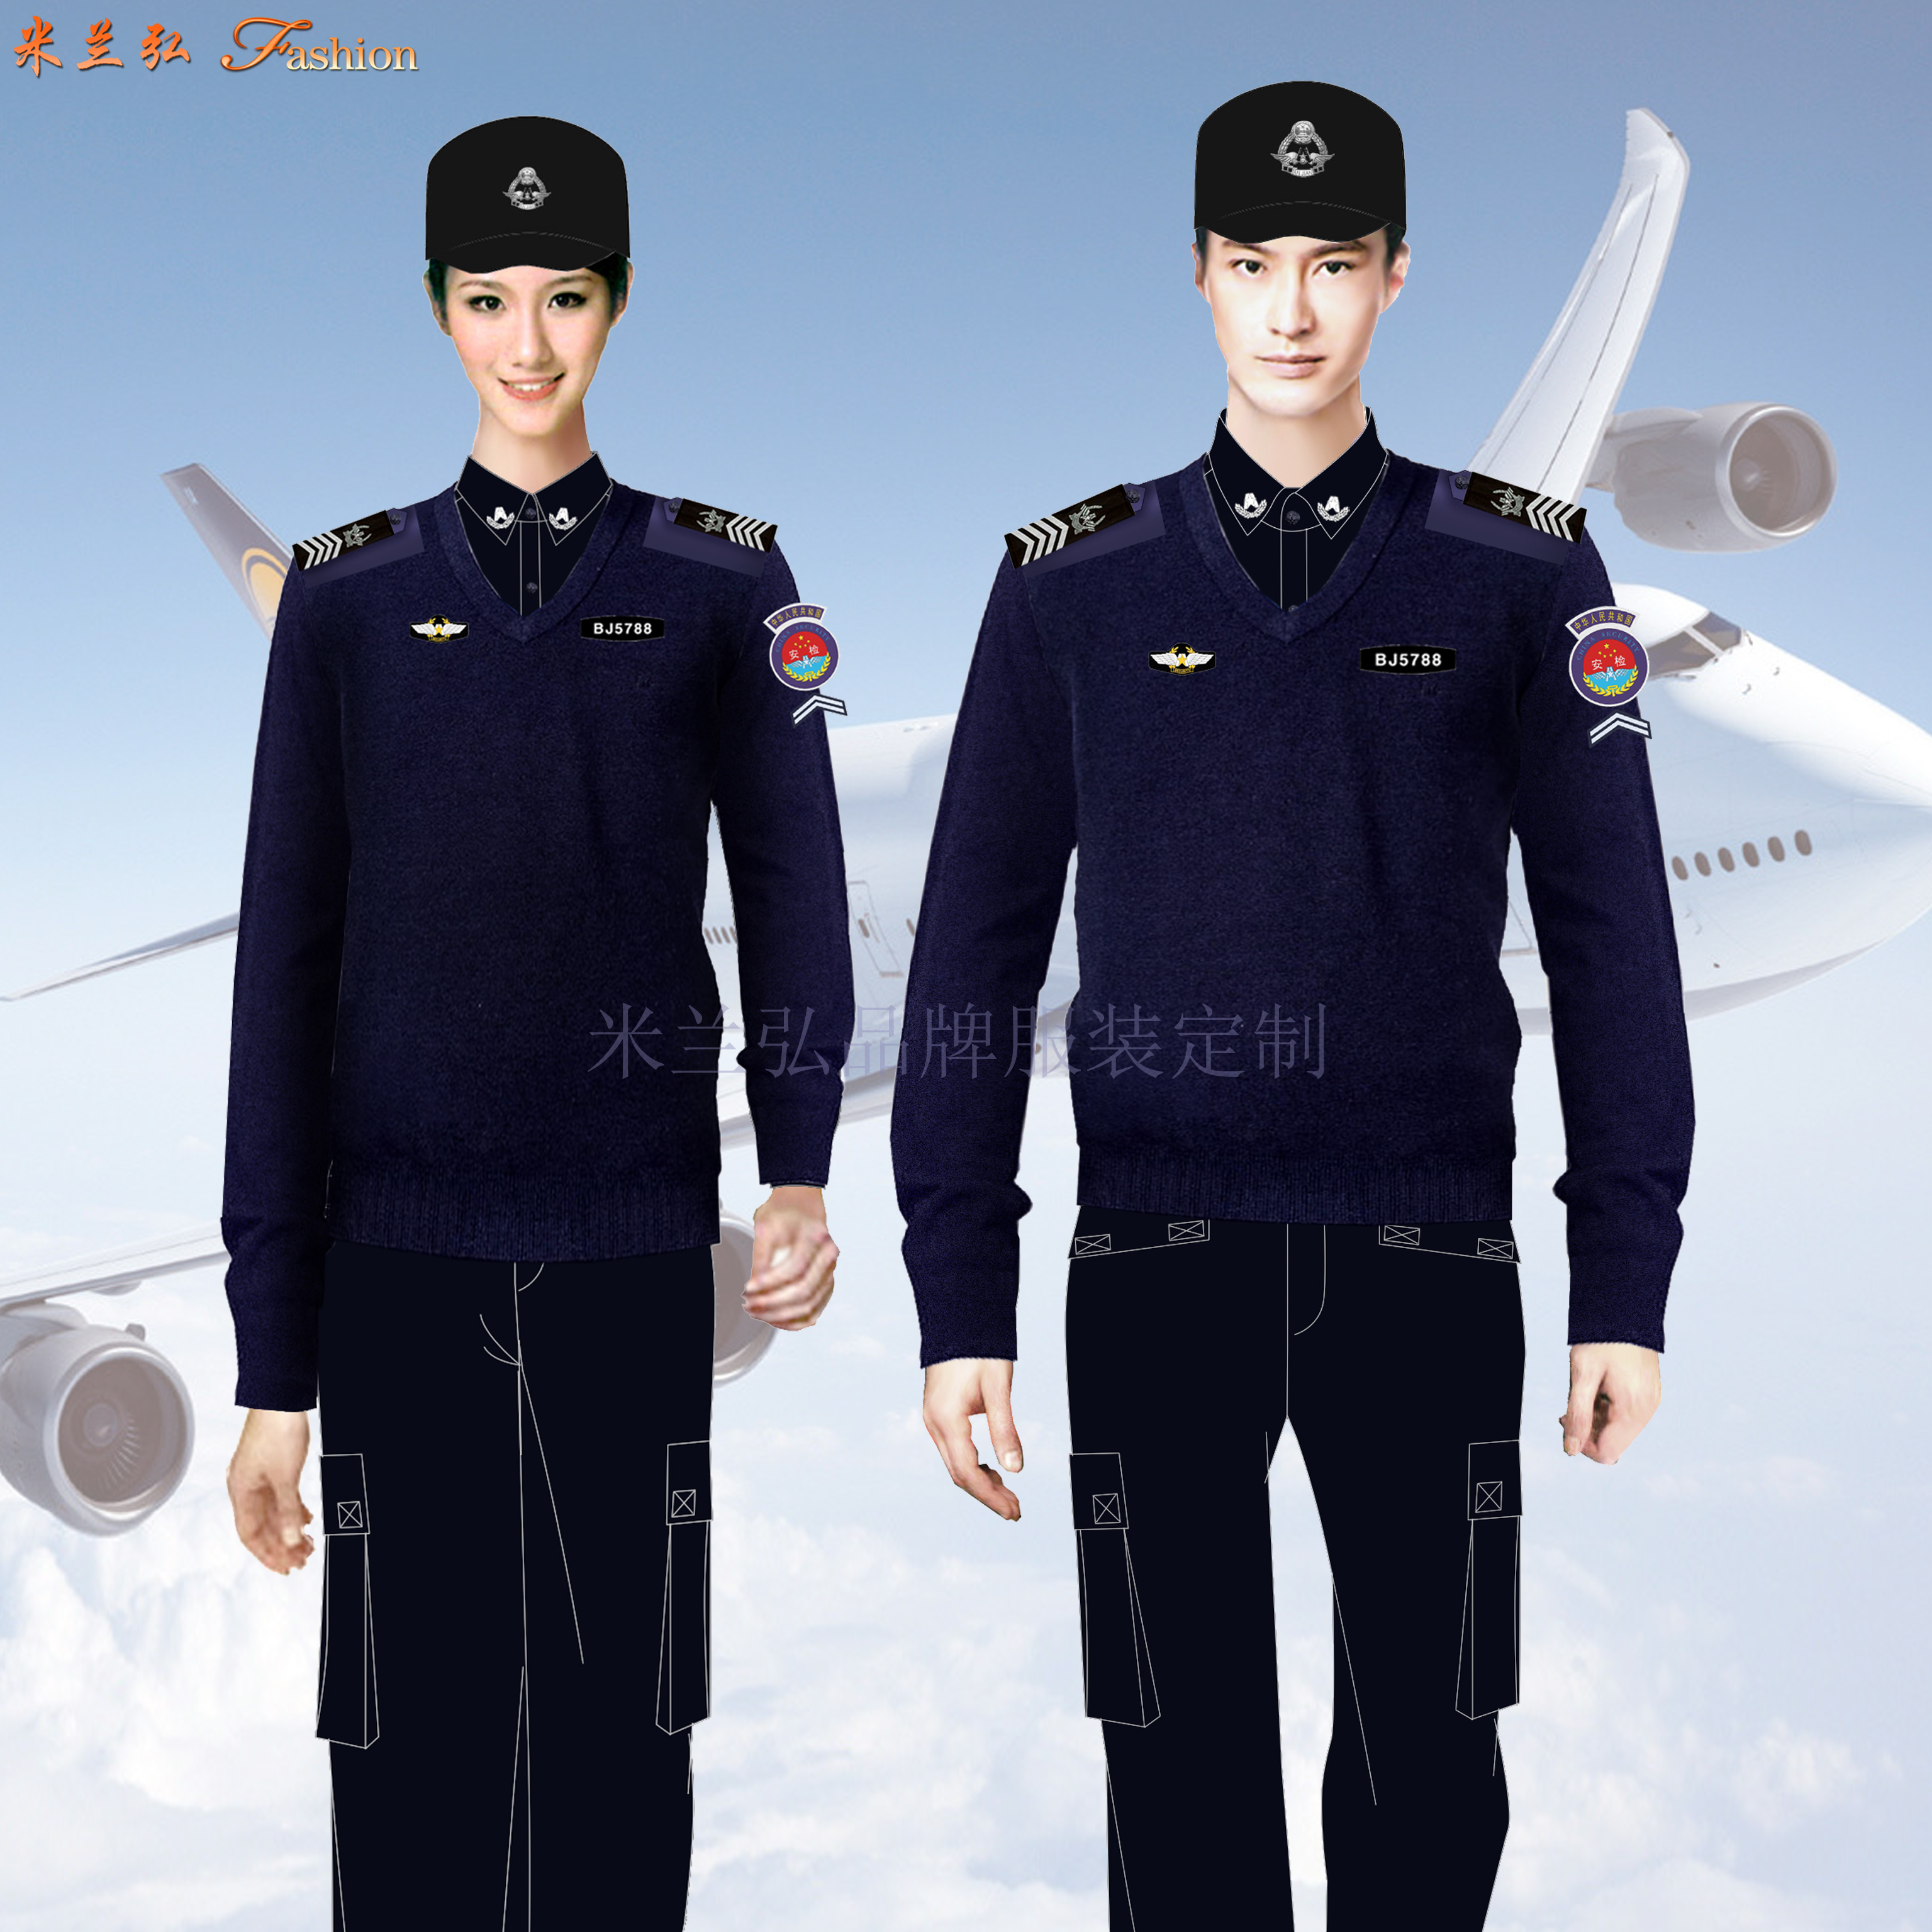 「安檢服定製」「機場安檢服定做」「航空安檢服訂製」-3